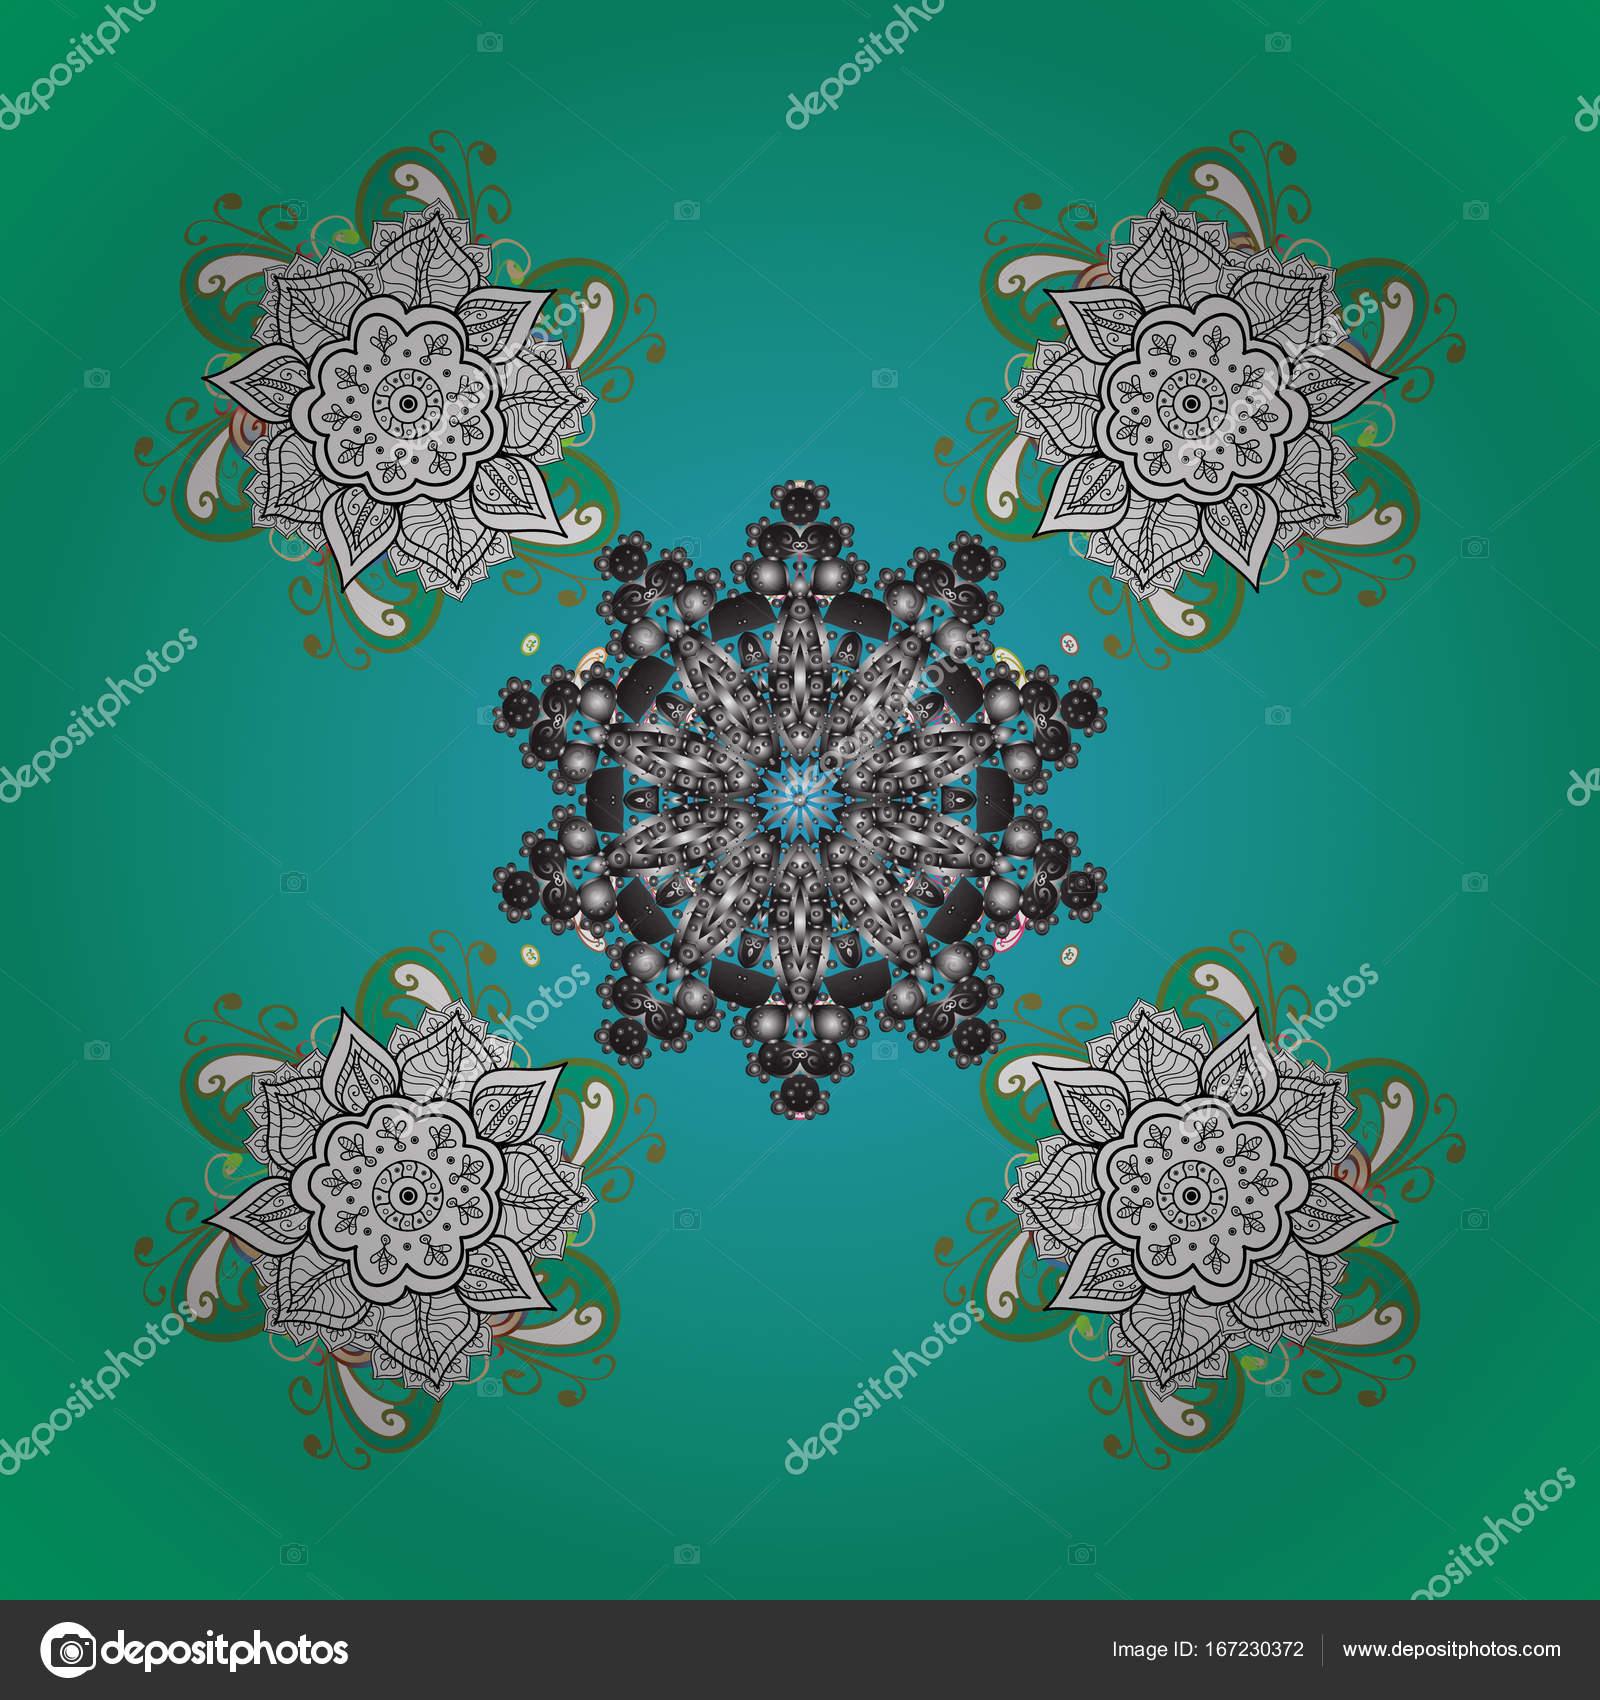 Soyut Renkli Resim Stok Vektor C Valera197615 167230372